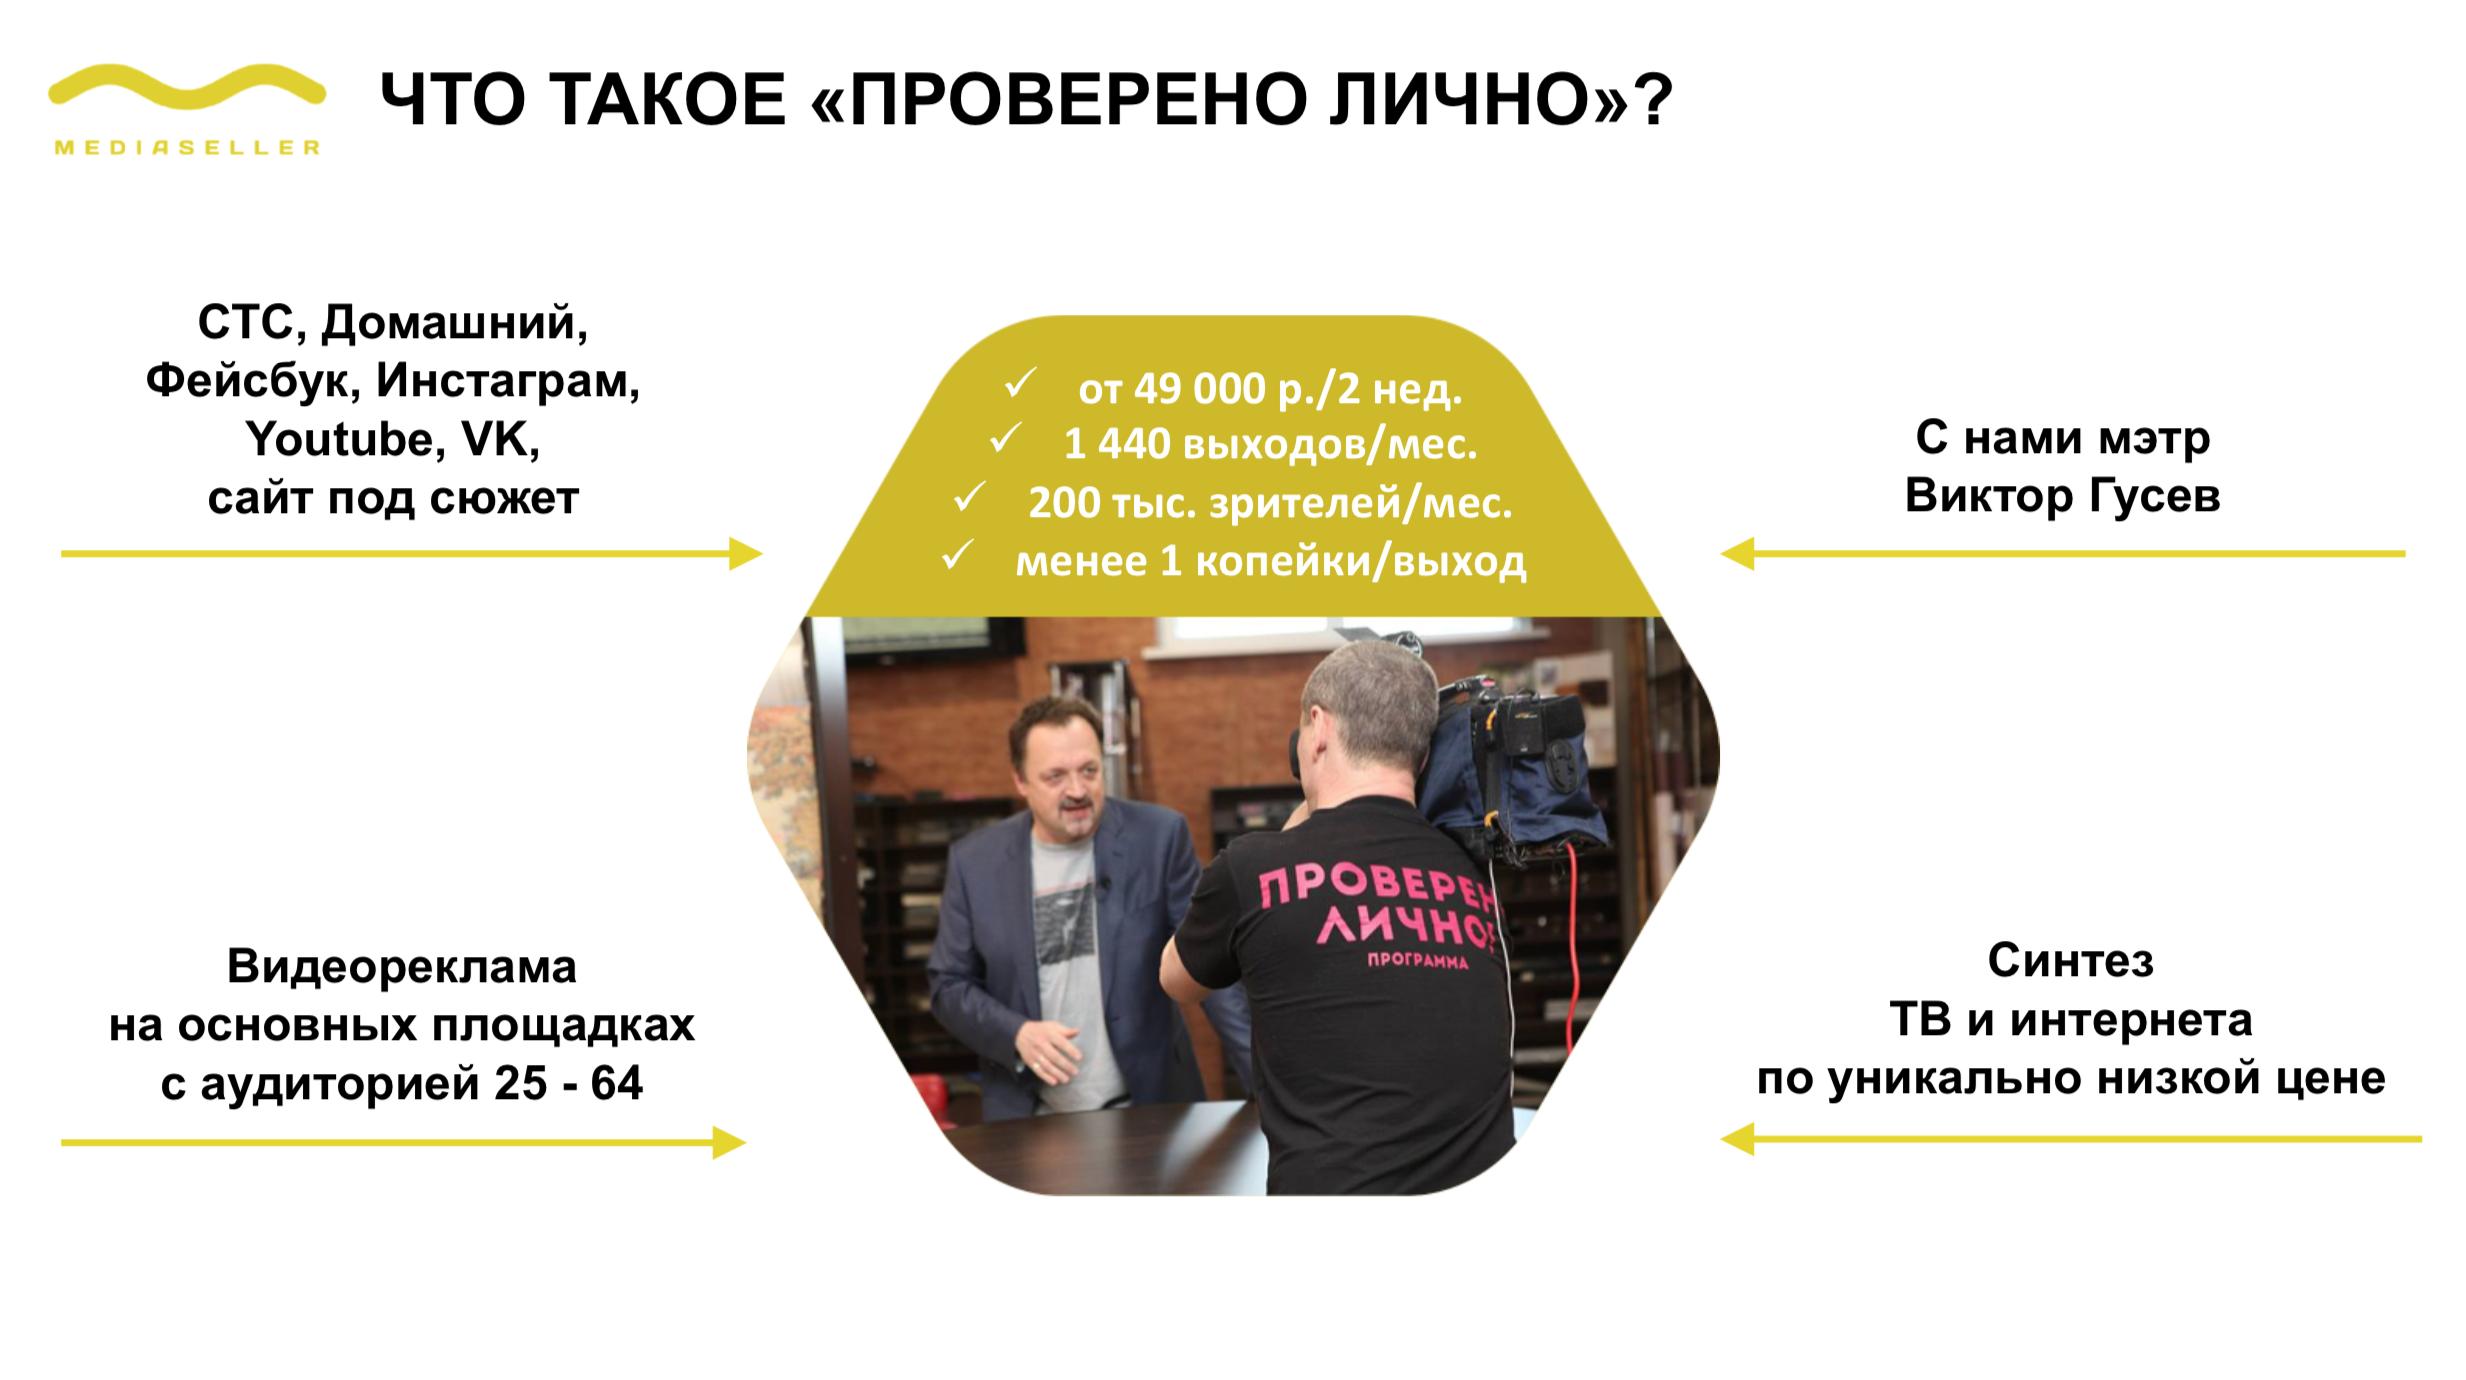 Интернет магазин реклама на стс как разрекламировать группу в контакте видео